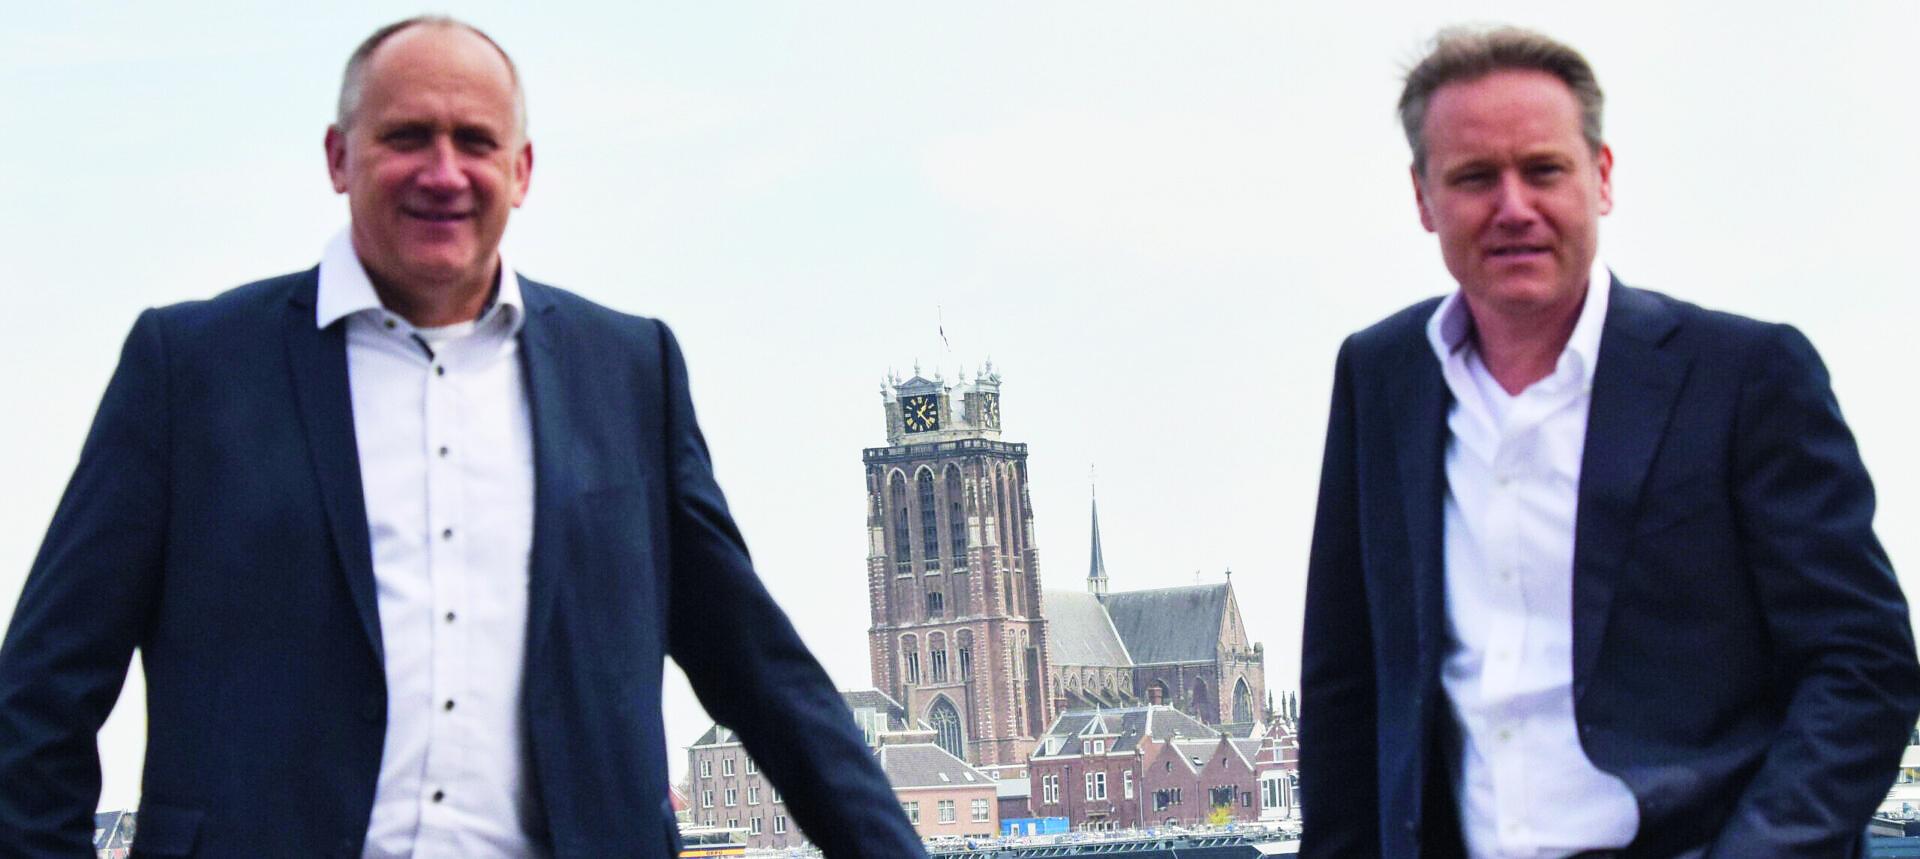 'Als EOC zou stoppen met inspecties komen er schepen langs de kant de liggen', zegt directeur Leden Ton van Dongen. (Foto EOC)